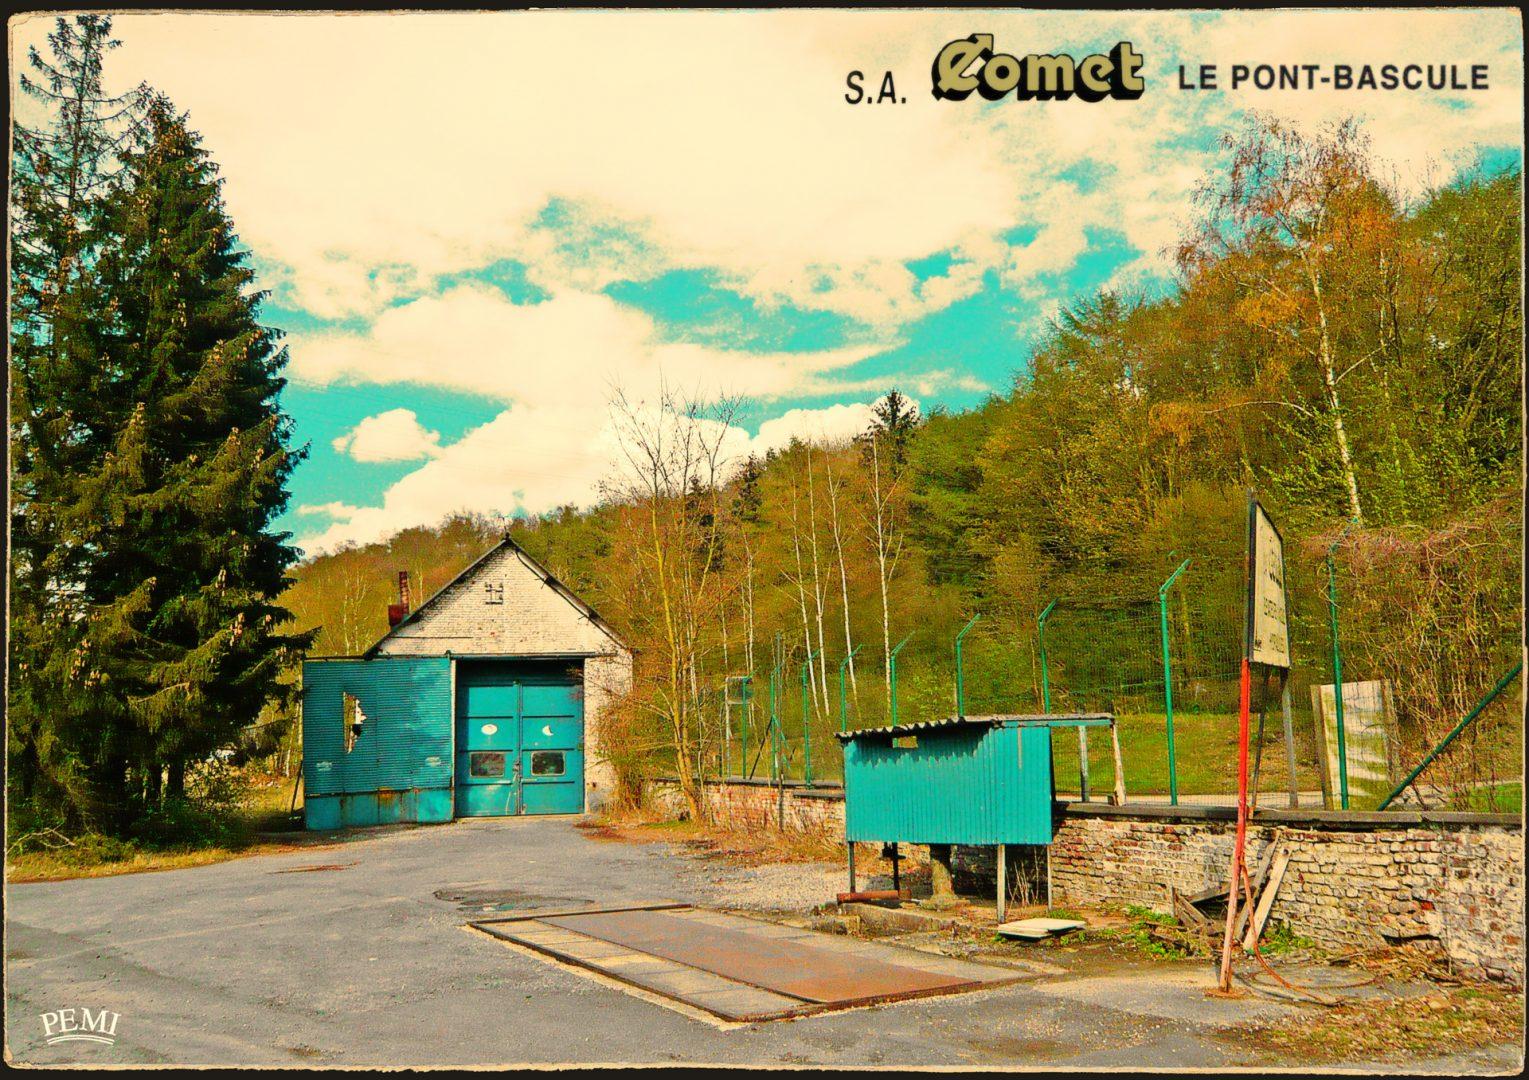 Namur011-1529x1080.jpg